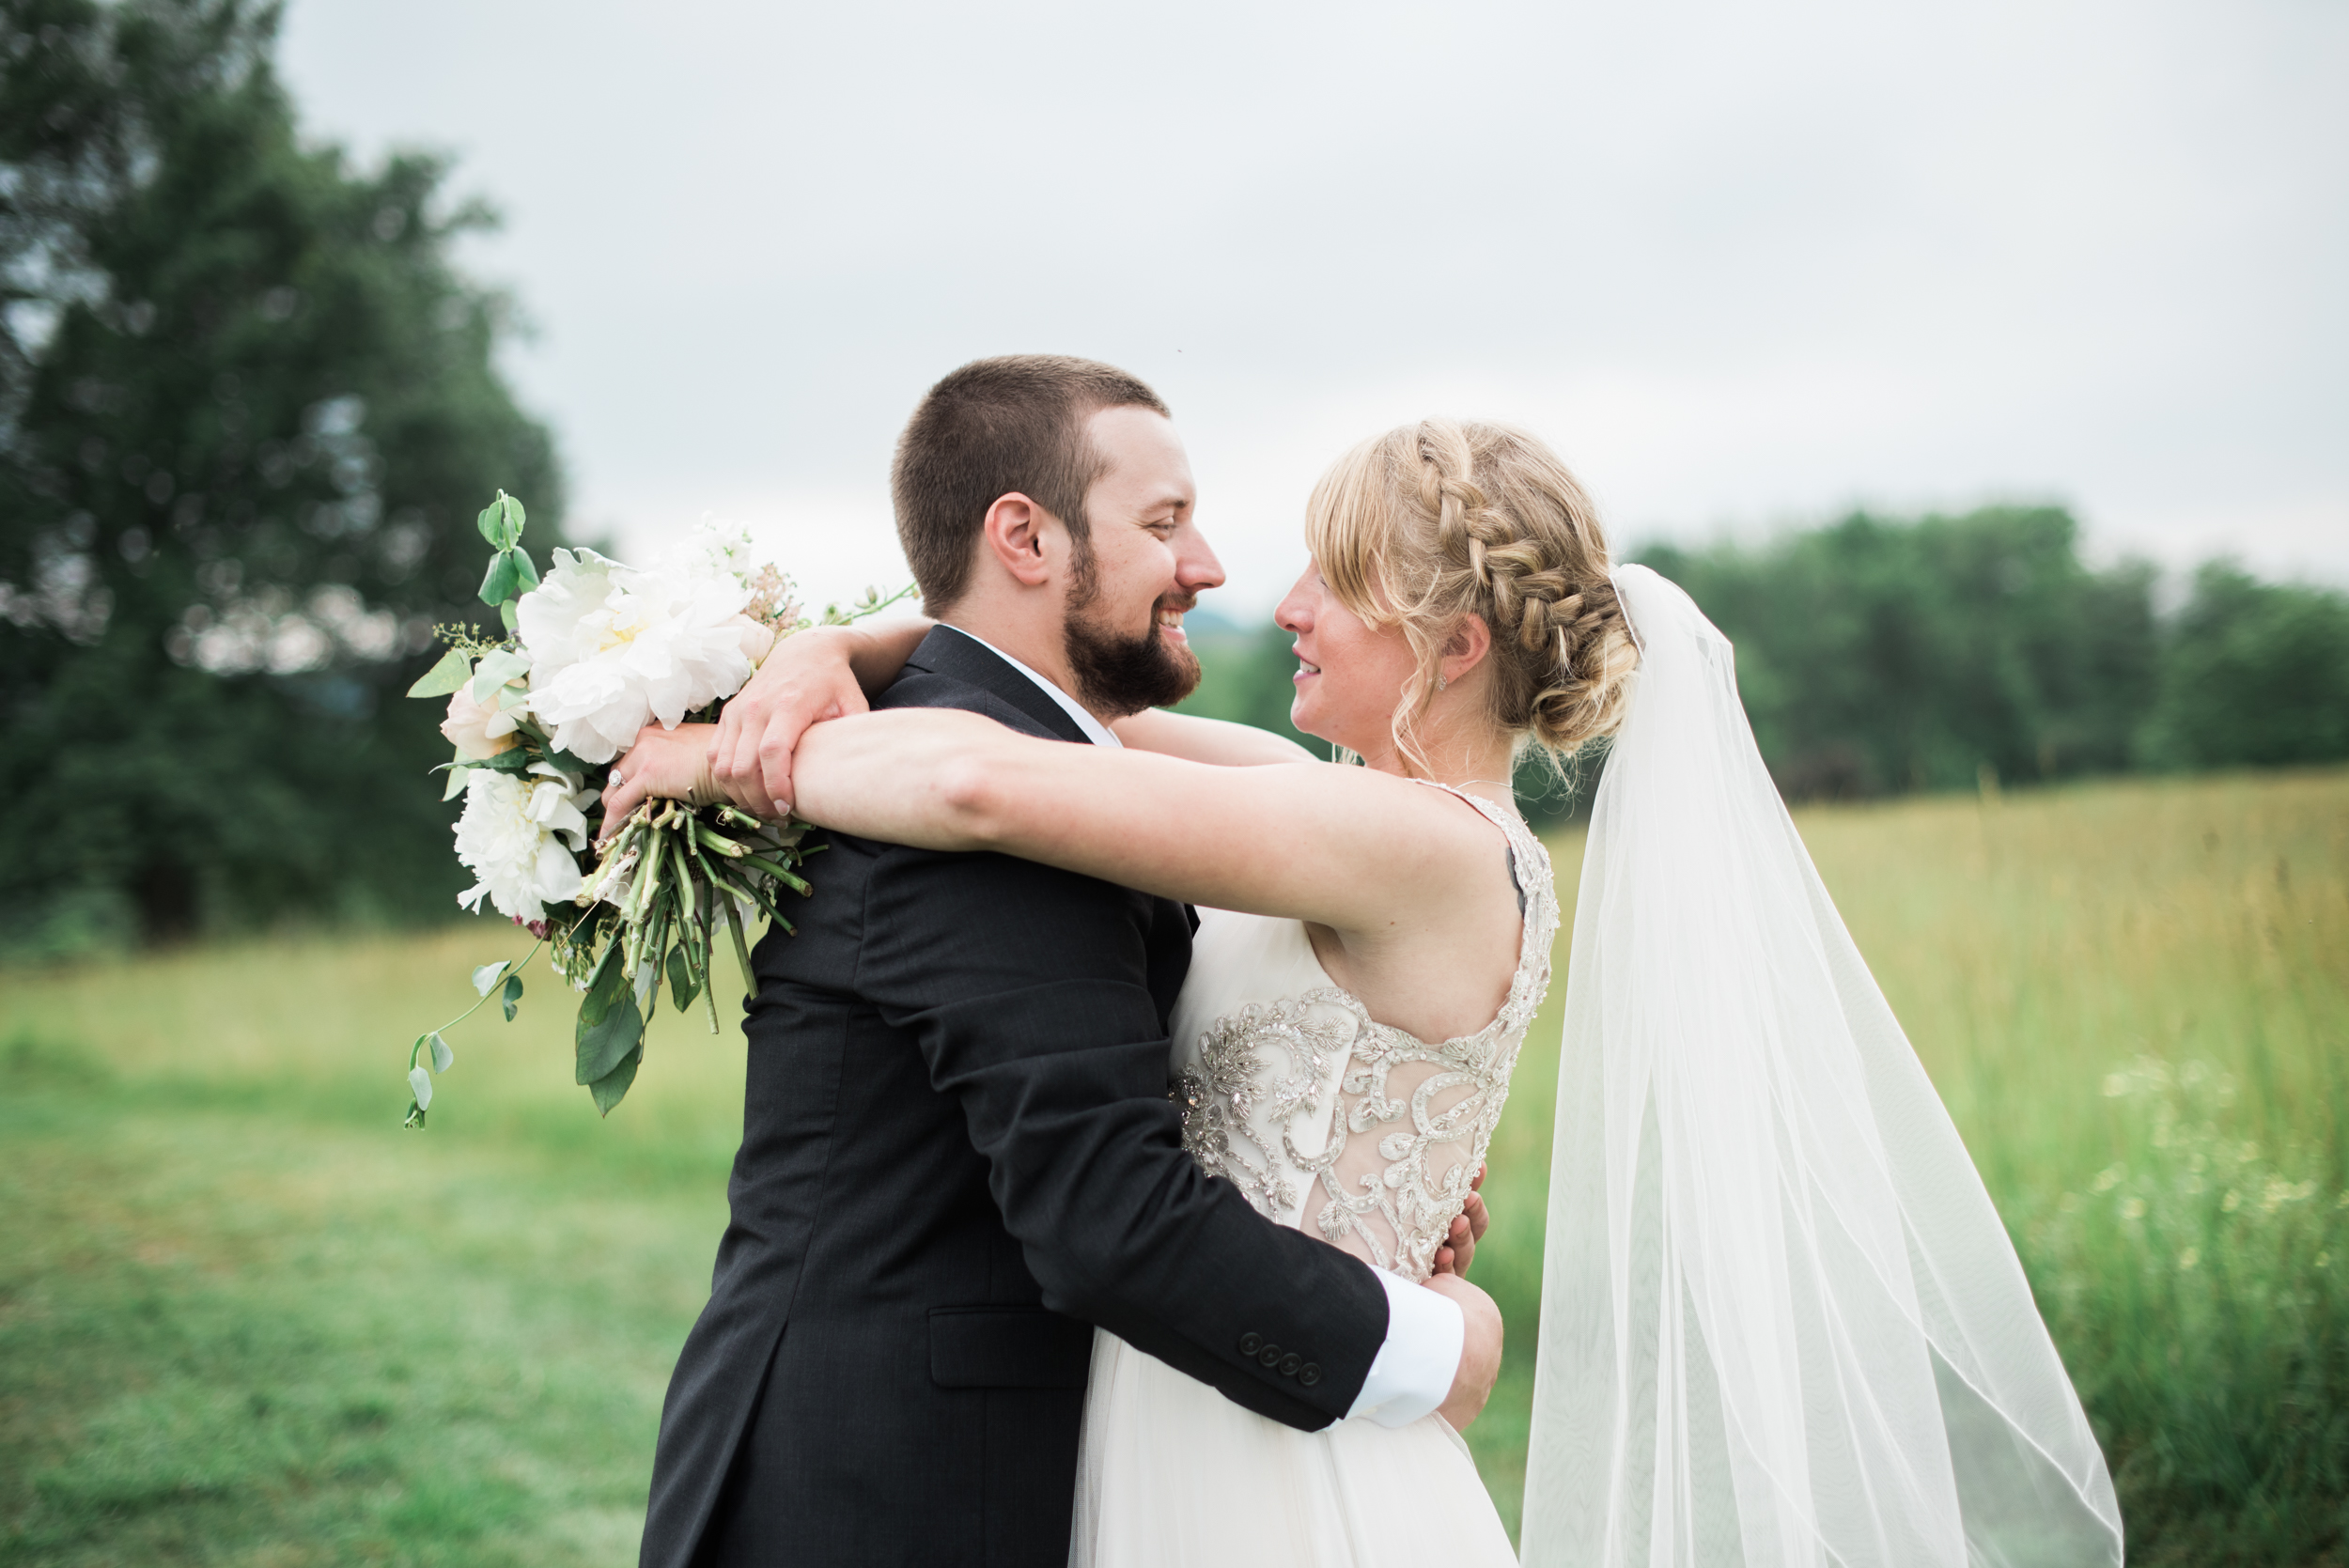 Rustic Wedding Venues in Western MA